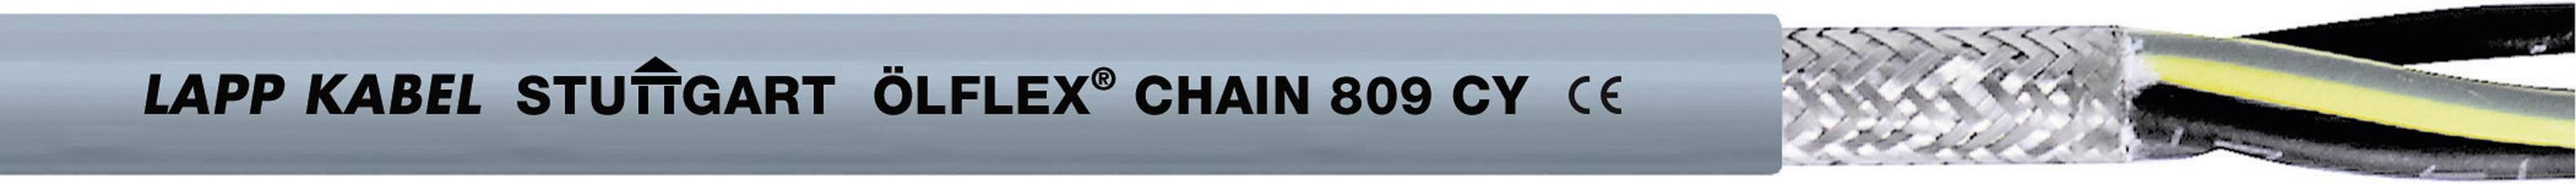 Žíla kabelu LappKabel ÖLFLEX CHAIN 809 CY 12G0,75 (1026764), 12x 0,75 mm², PVC, Ø 10,9 mm, stíněný, 1 m, šedá